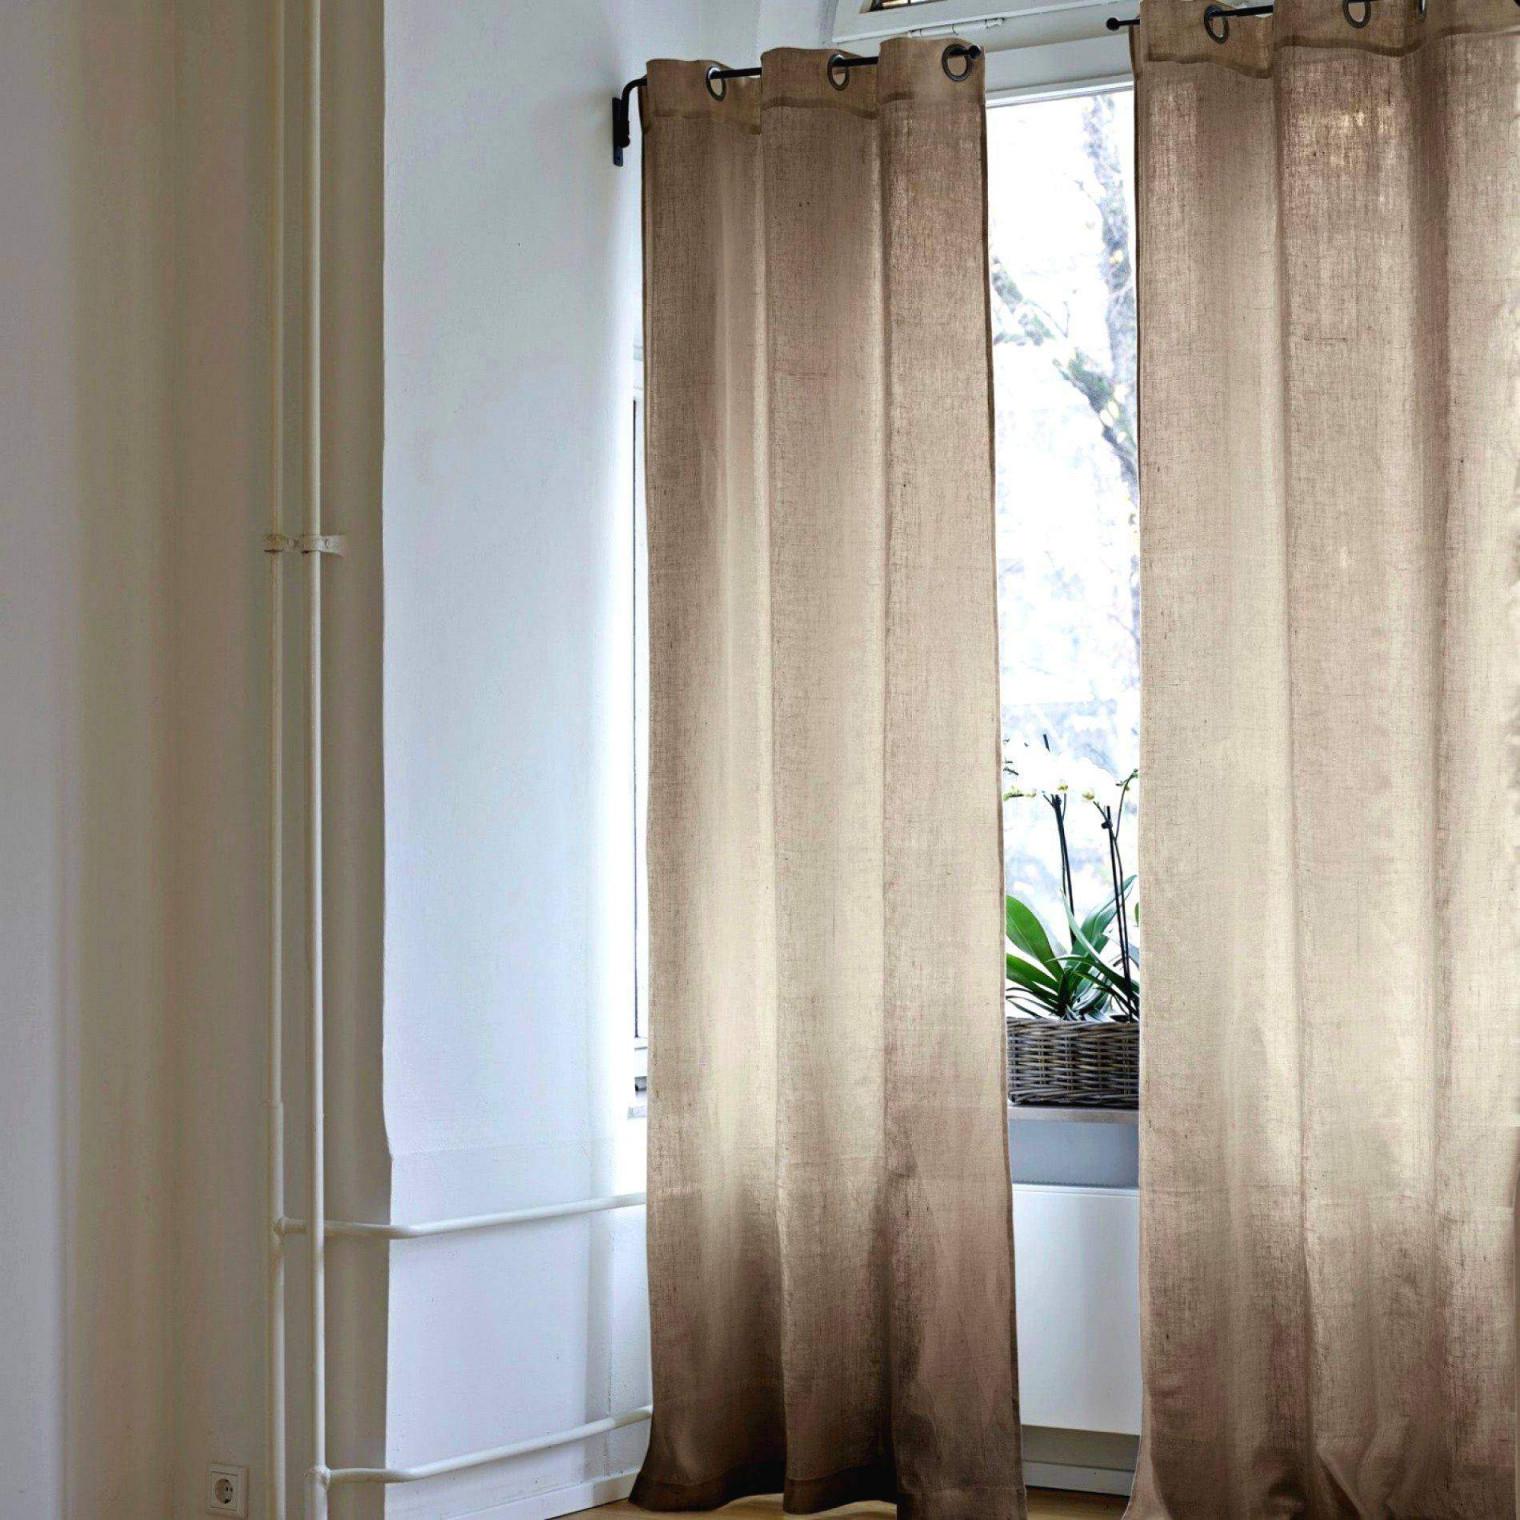 29 Elegant Gardinen Stores Für Wohnzimmer Inspirierend von Gardinen Stores Für Wohnzimmer Photo